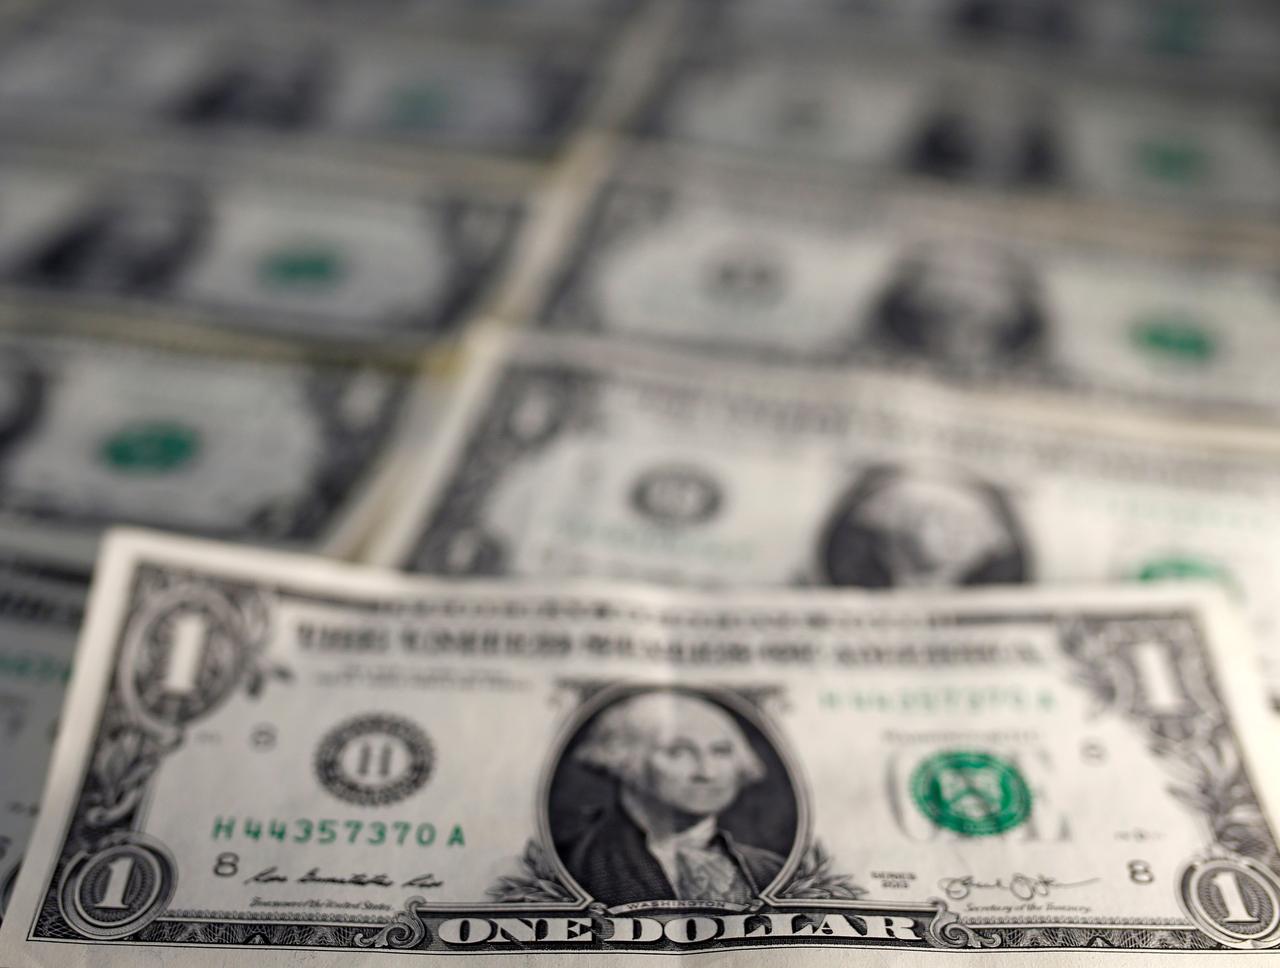 Tỷ giá USD hôm nay 27/9: Tăng liên tục, lên mốc cao nhất kể từ tháng 4 - 1